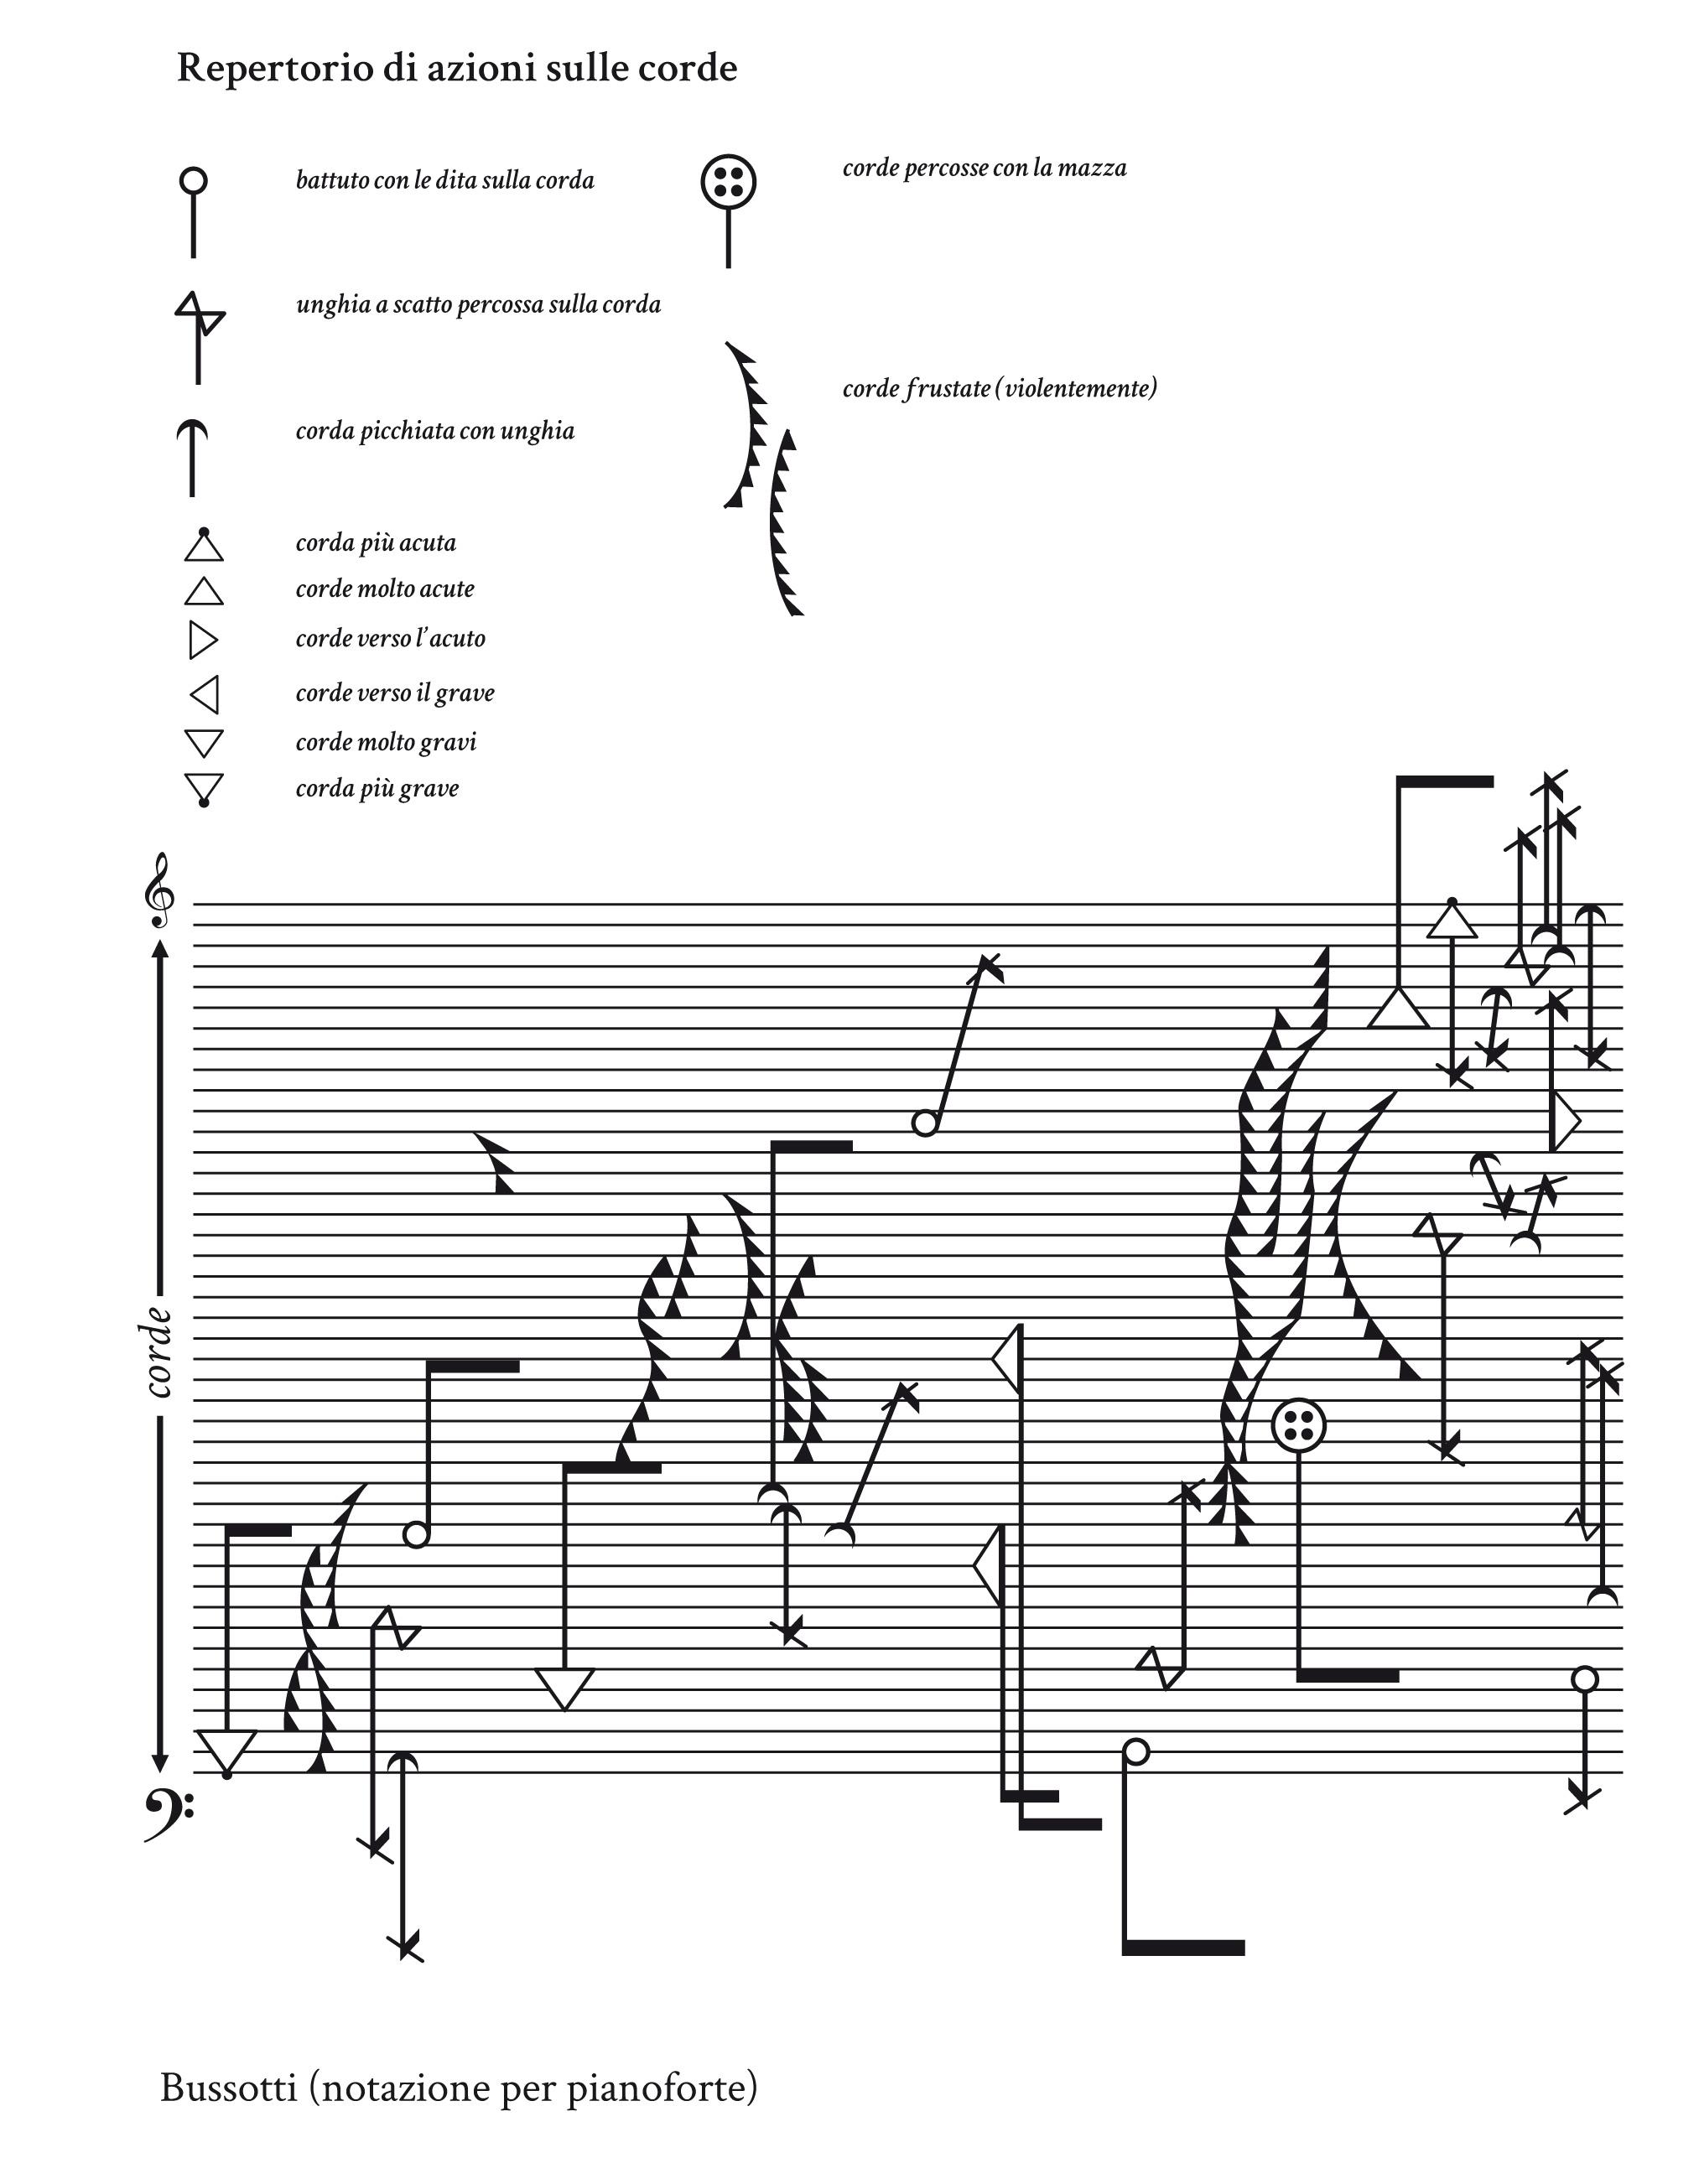 Nuova versione | Bussotti notazione pianoforte